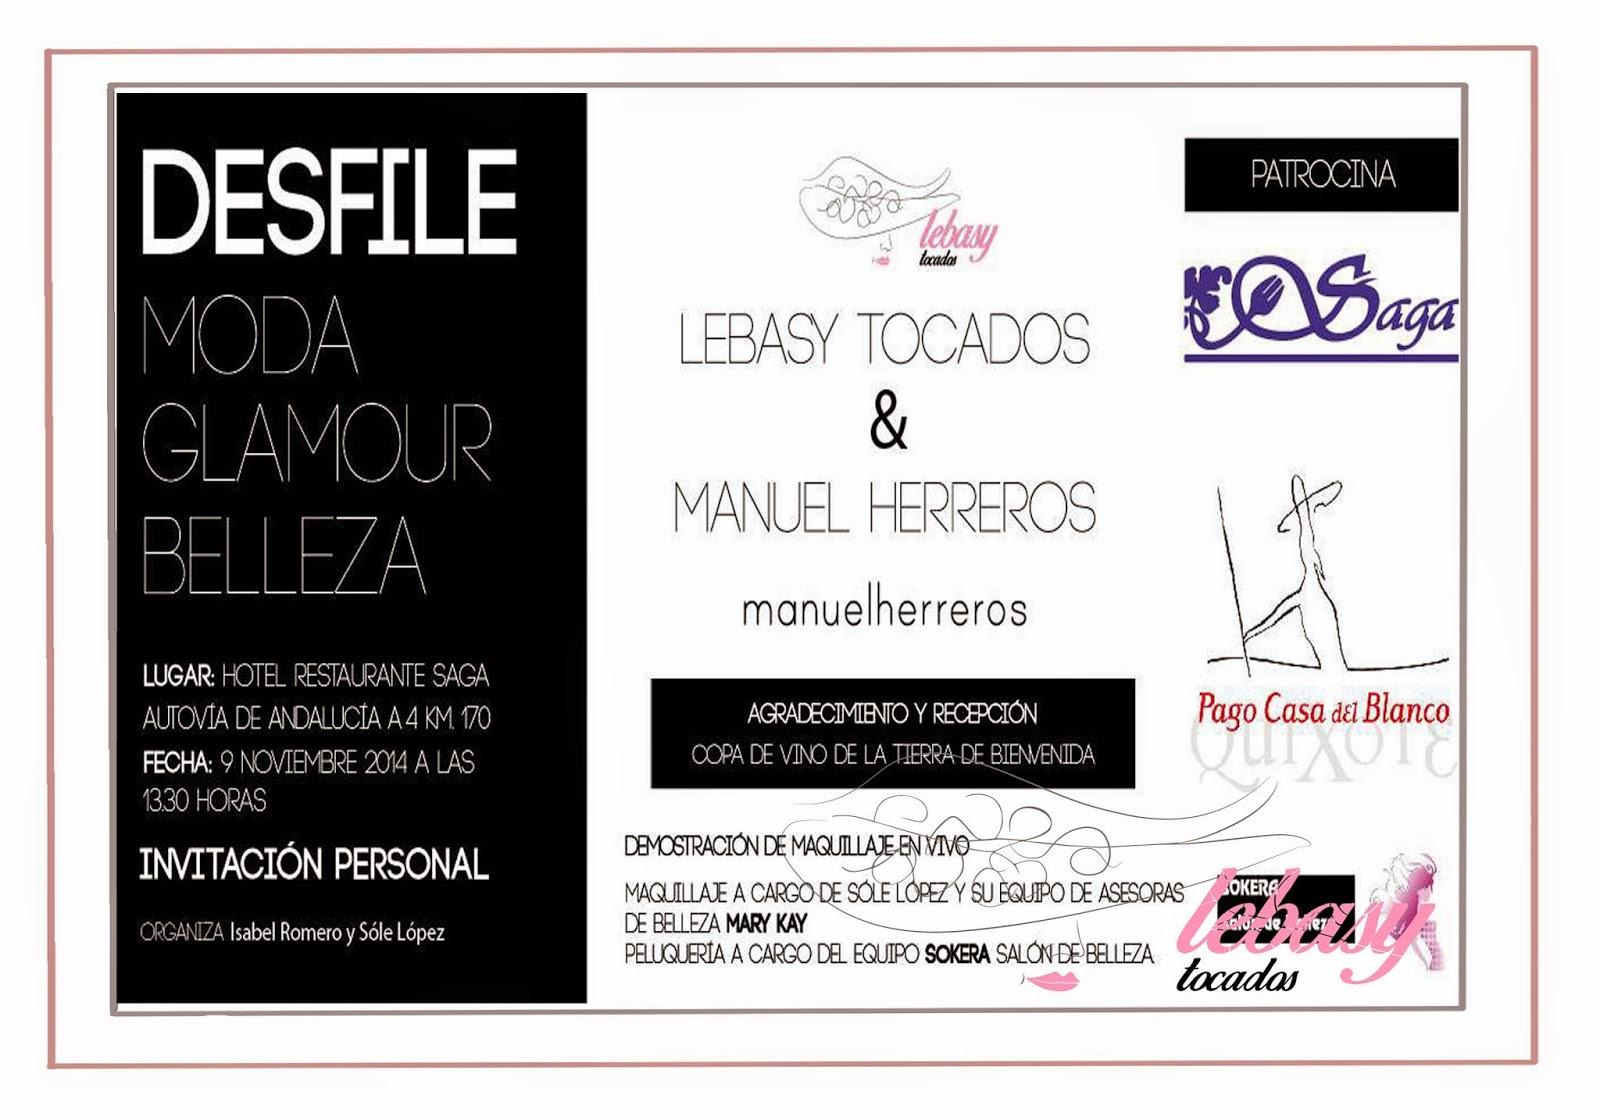 Invitación Desfile Lebasy Tocados y Manuel Herreros